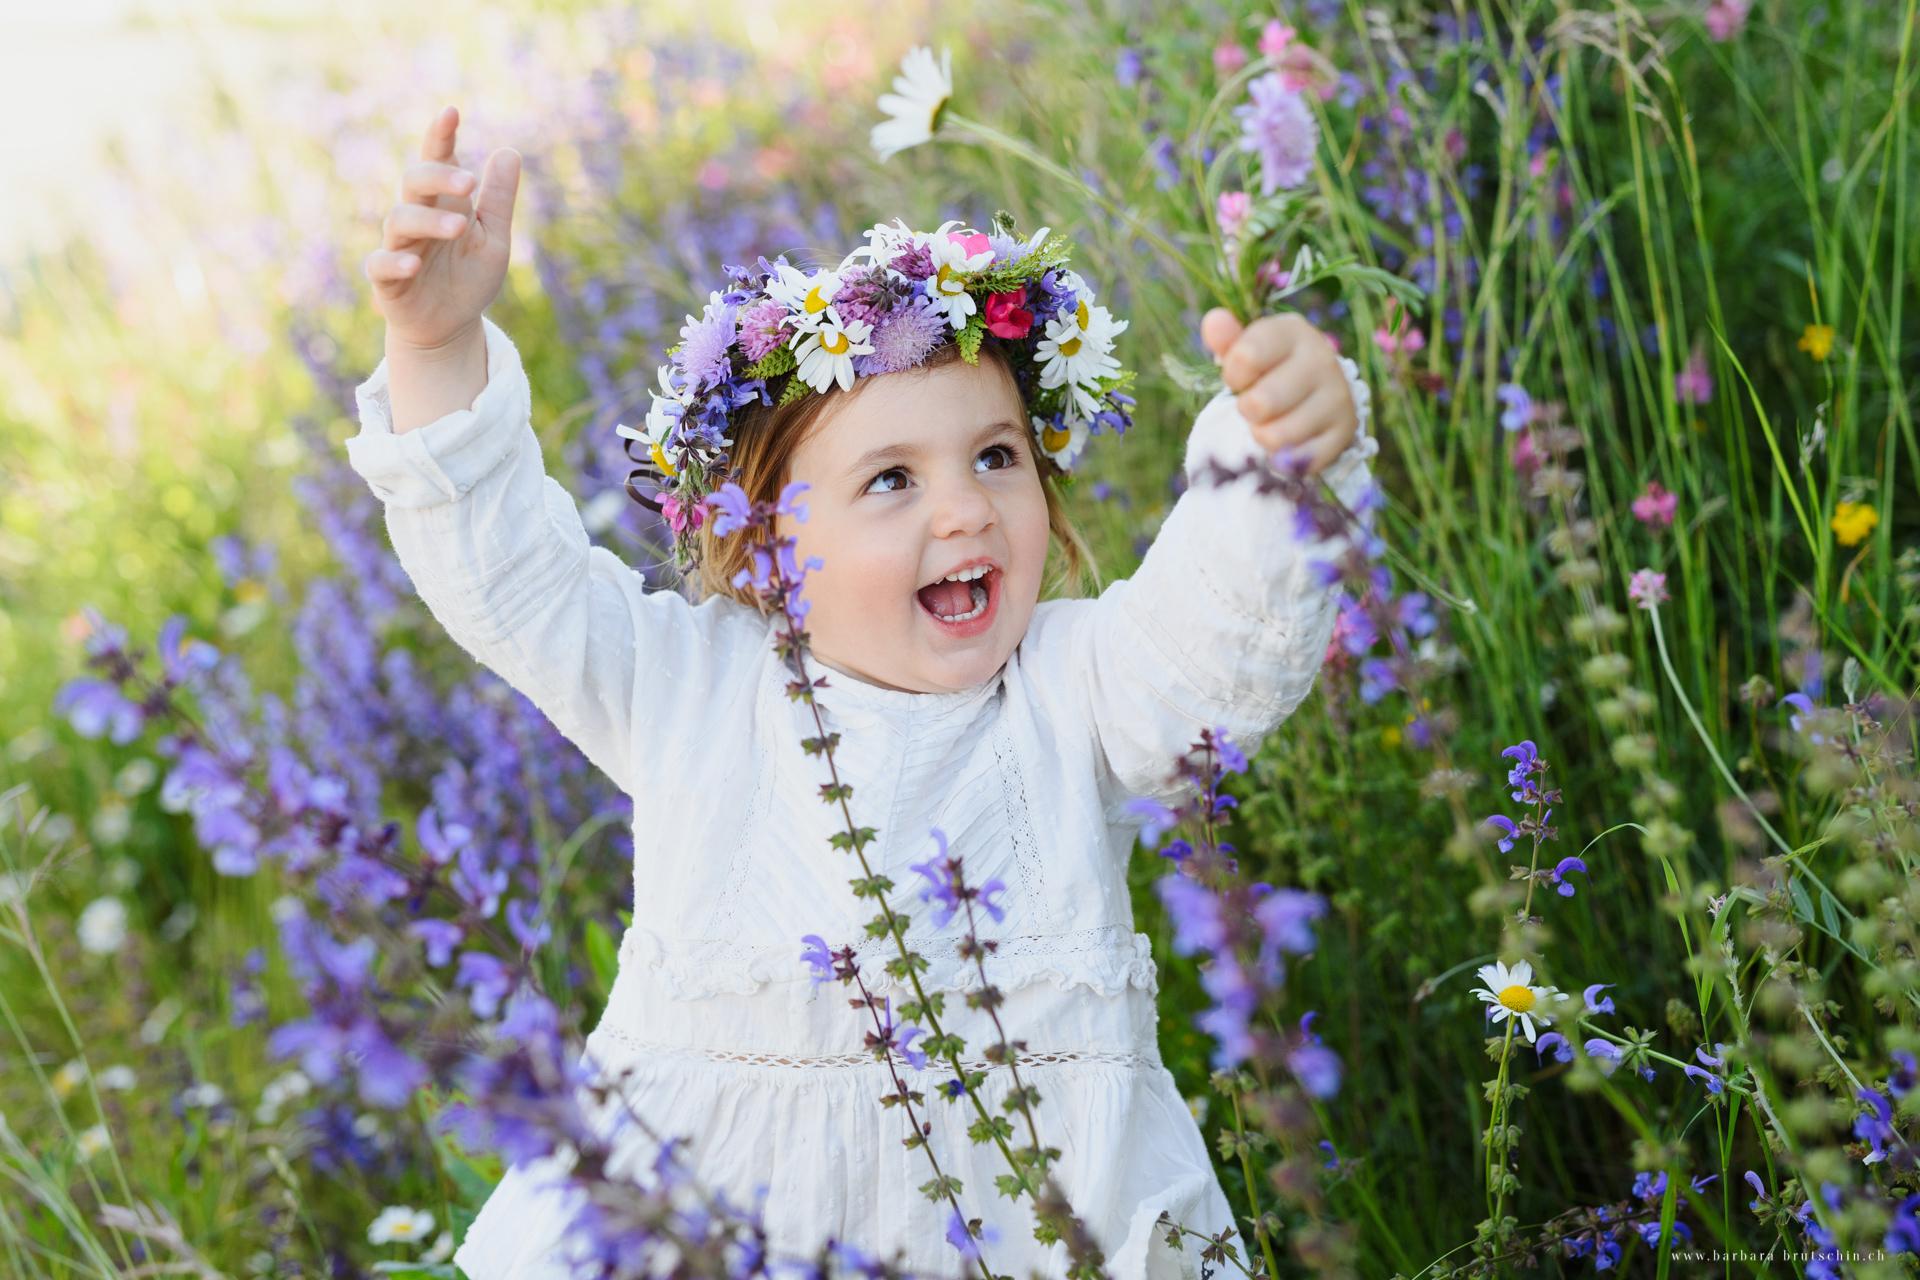 Blumenmädchen Kinderfotografie Luzern